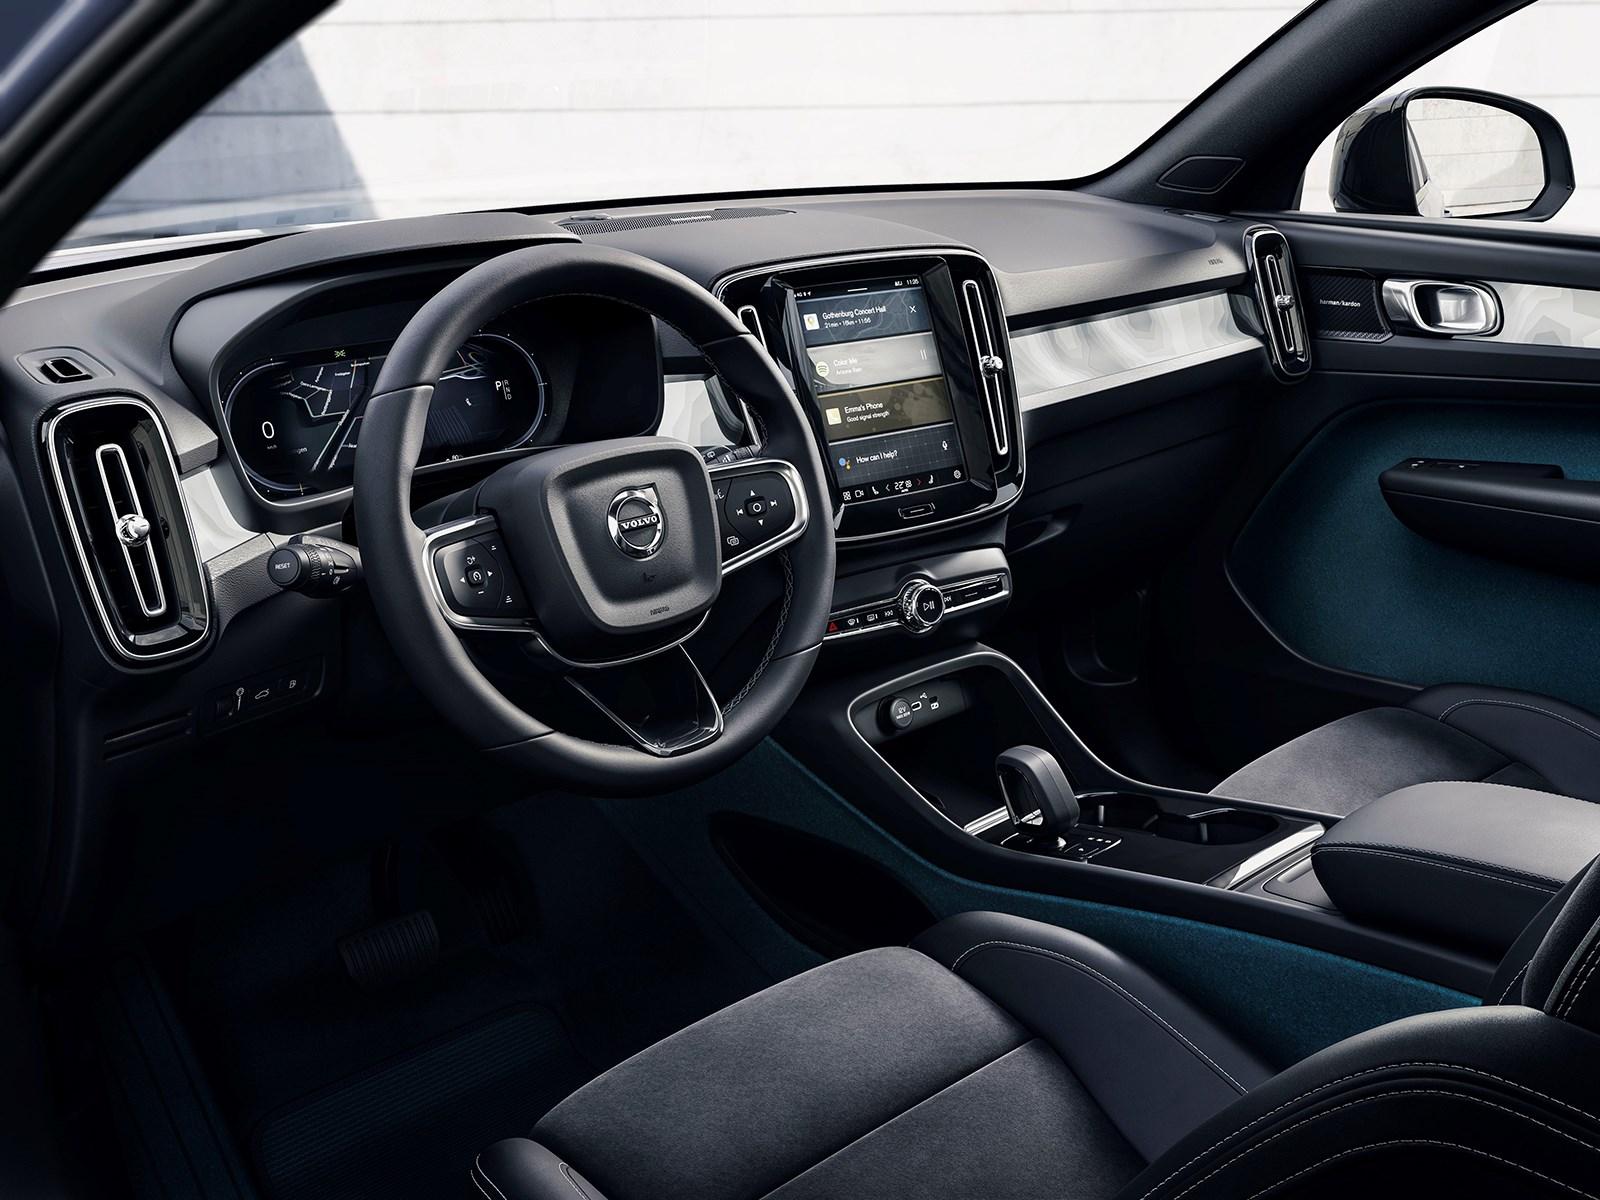 高級車の証、レザー内装が時代遅れになる日が来るかも!? 自動車業界の動きに世界が注目